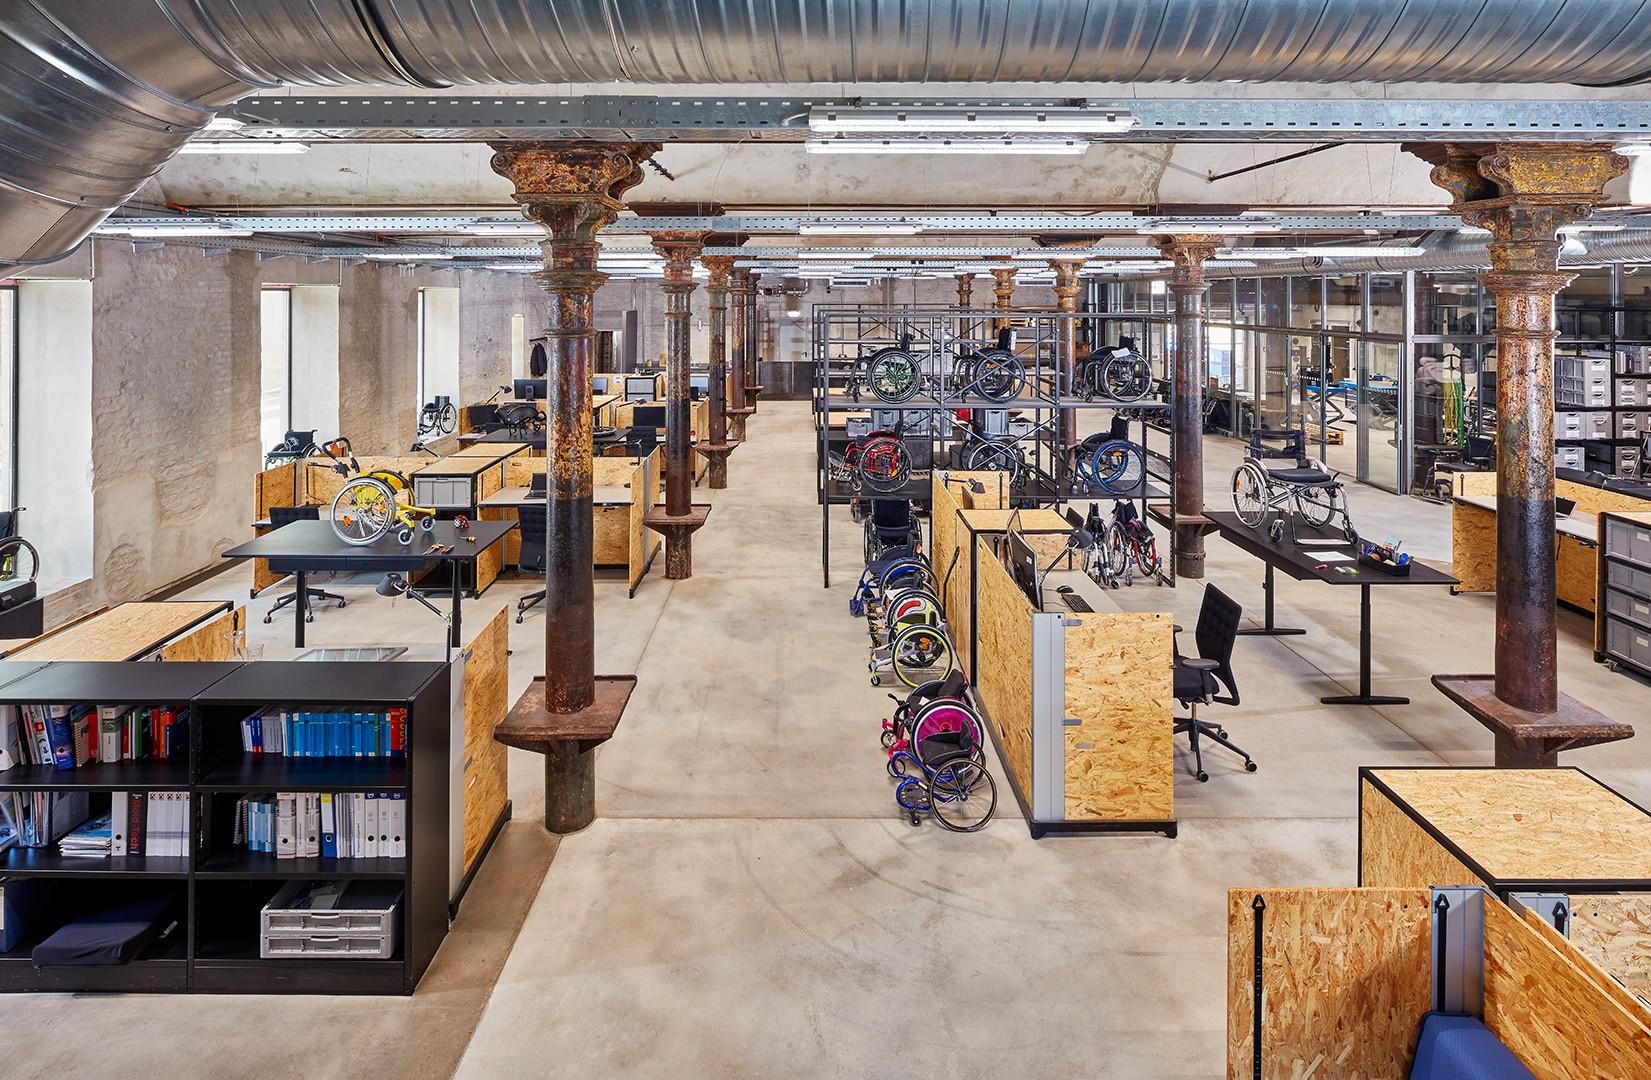 Halle der Ottobock Human Mobility, Arbeitsplätze, Rollstühle